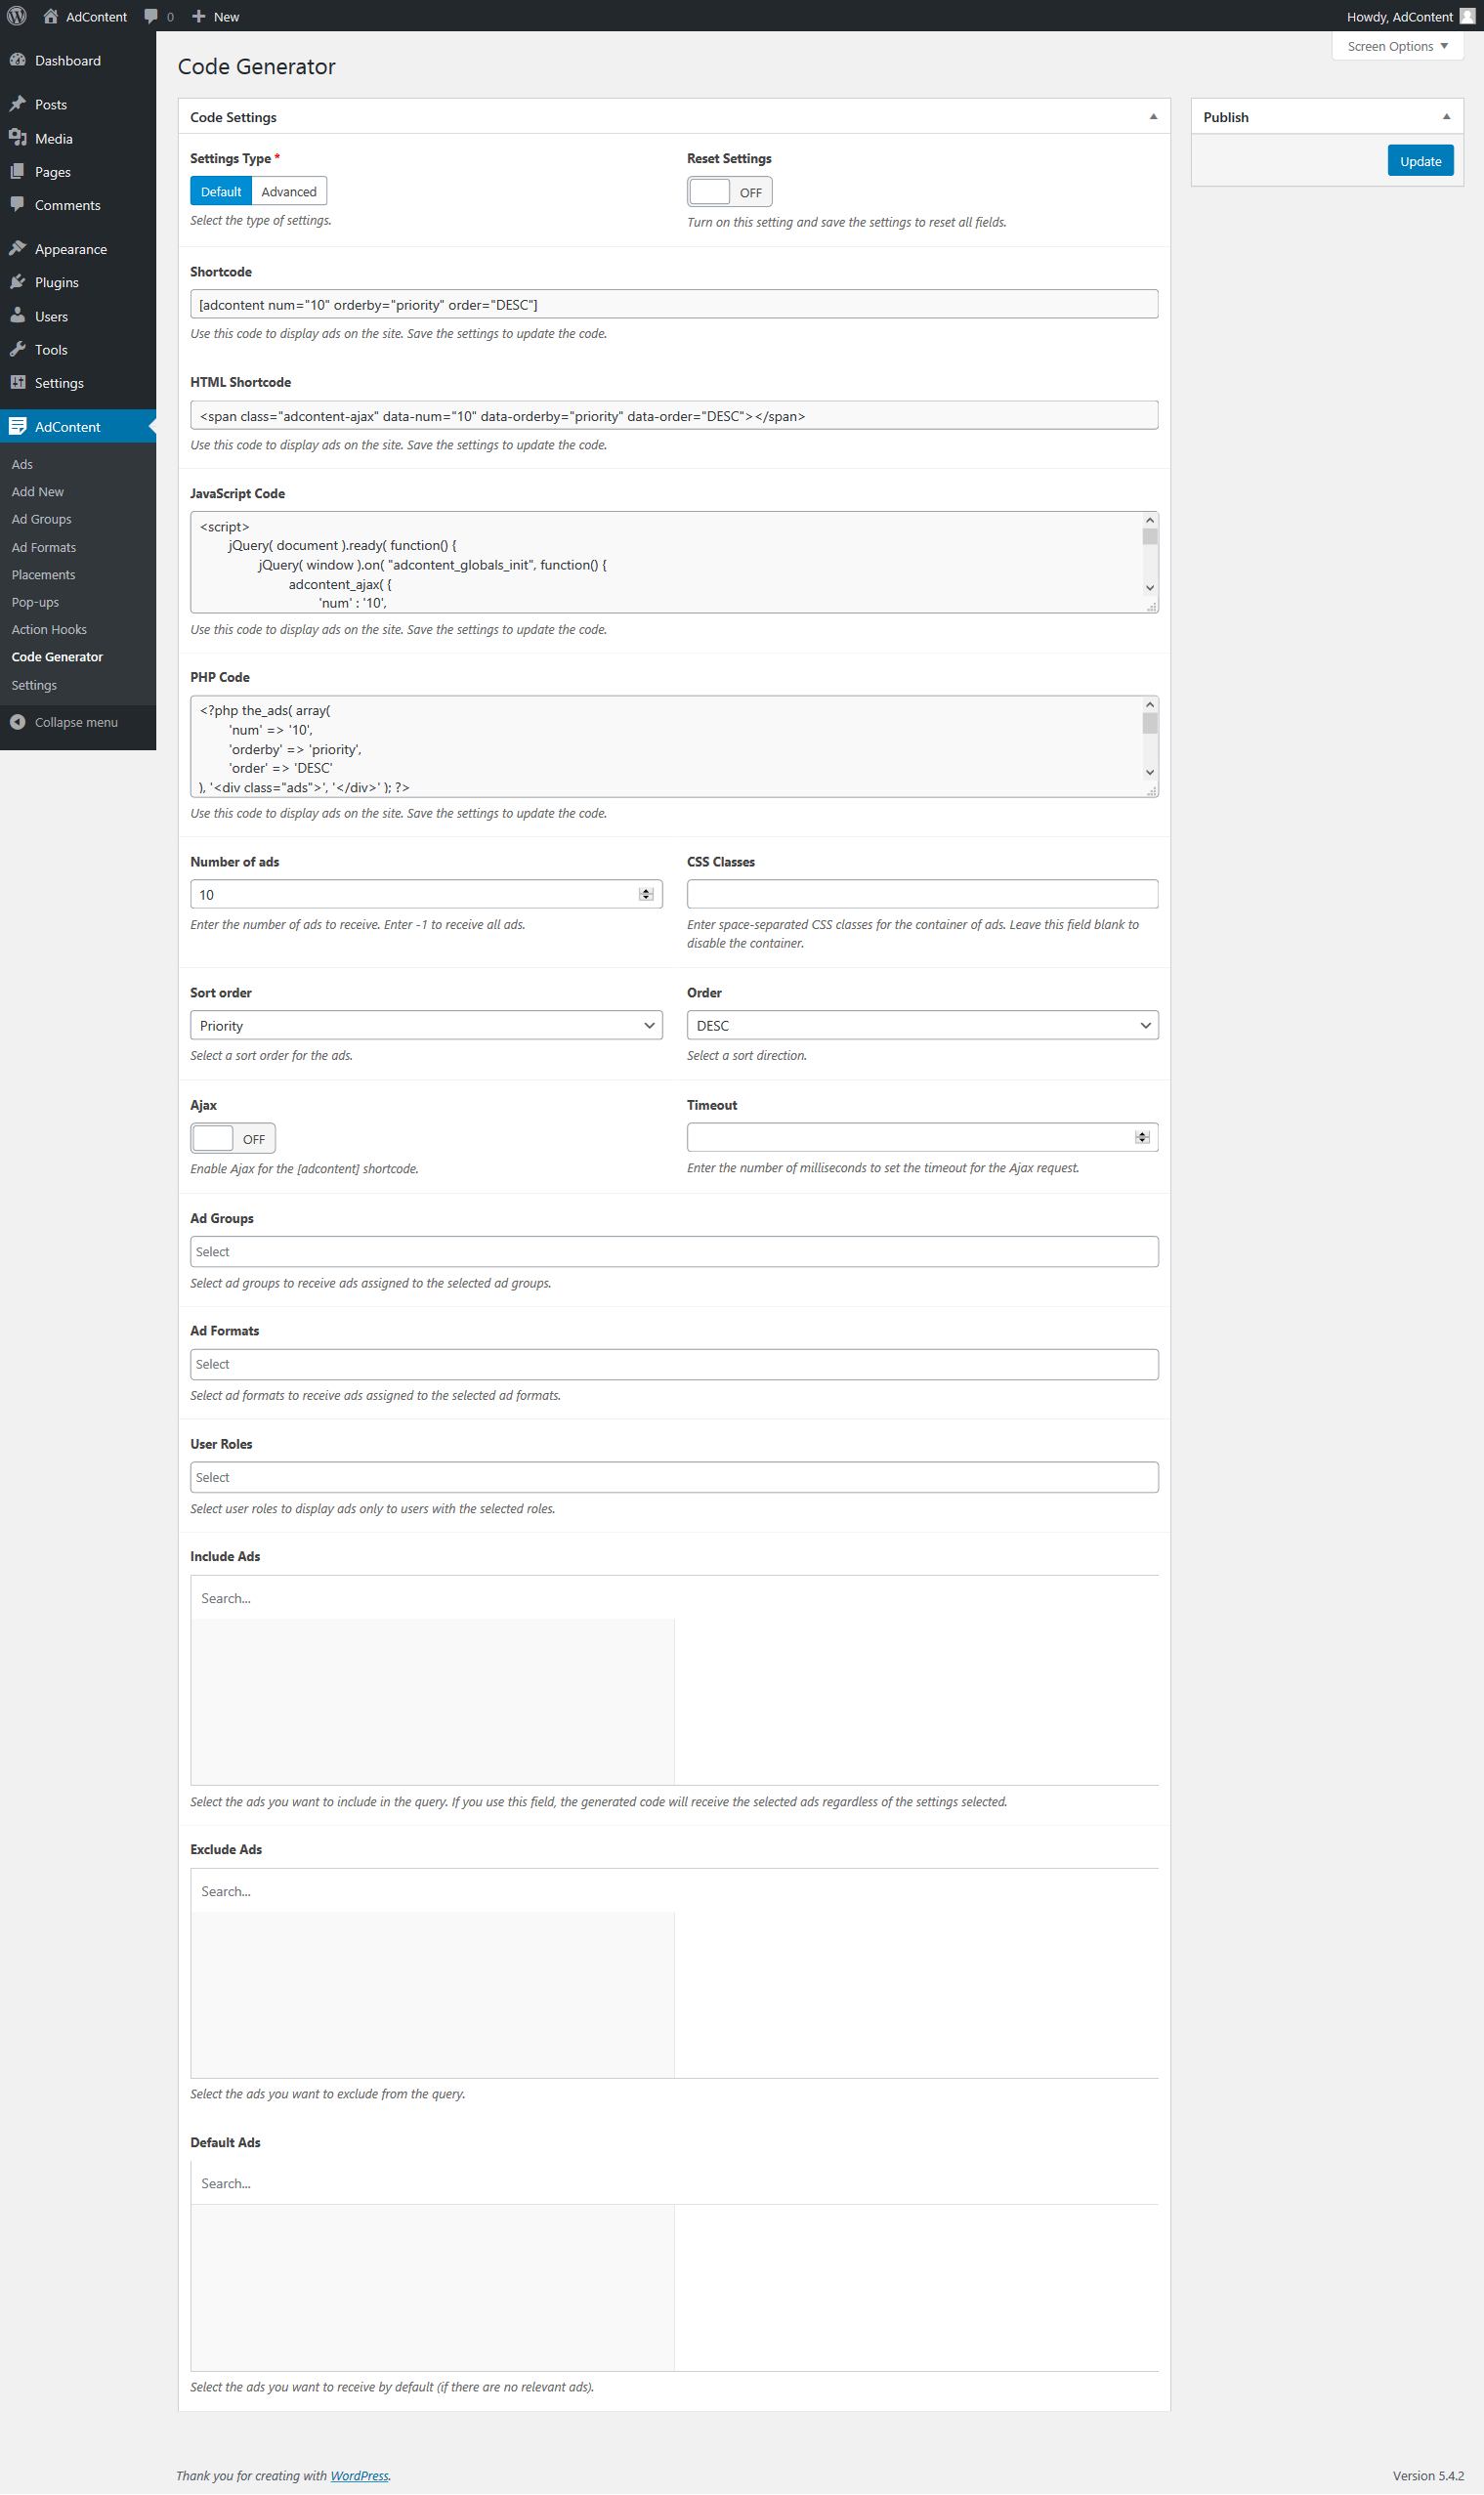 AdContent > Code Generator (default mode)